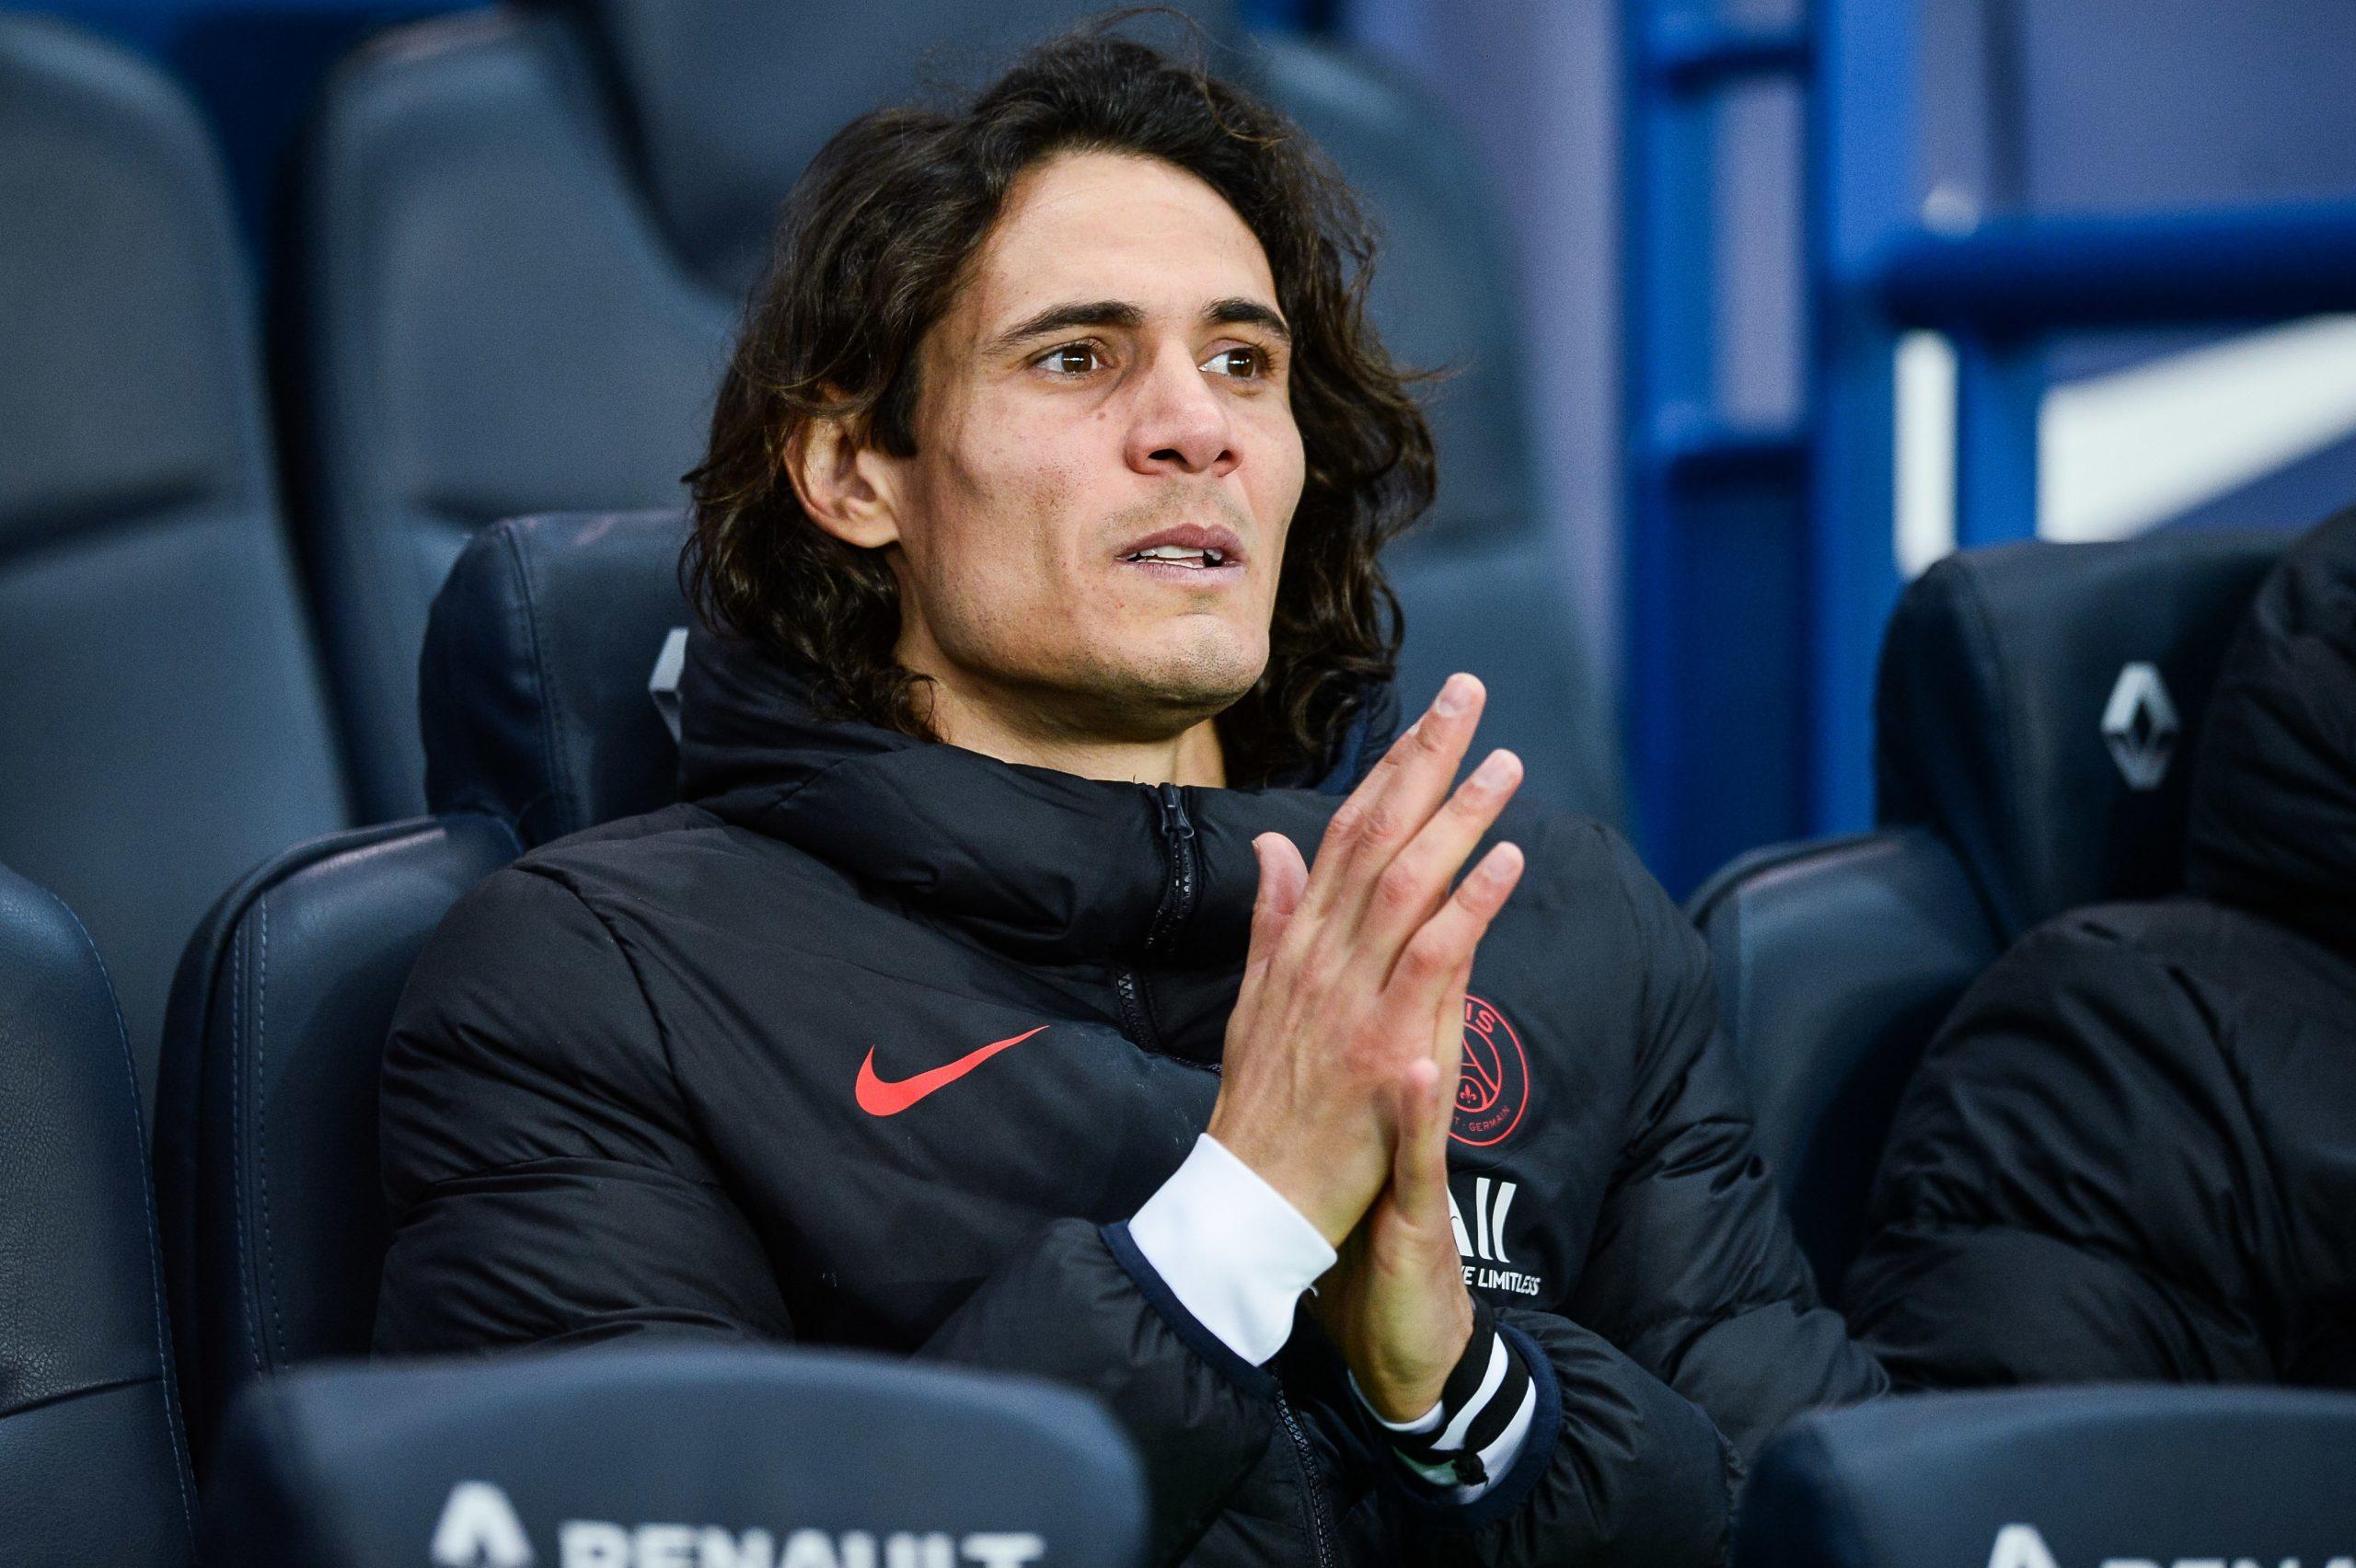 Mercato - Le PSG veut 20 millions d'euros pour Cavani et a 2 pistes pour le remplacer, selon ESPN